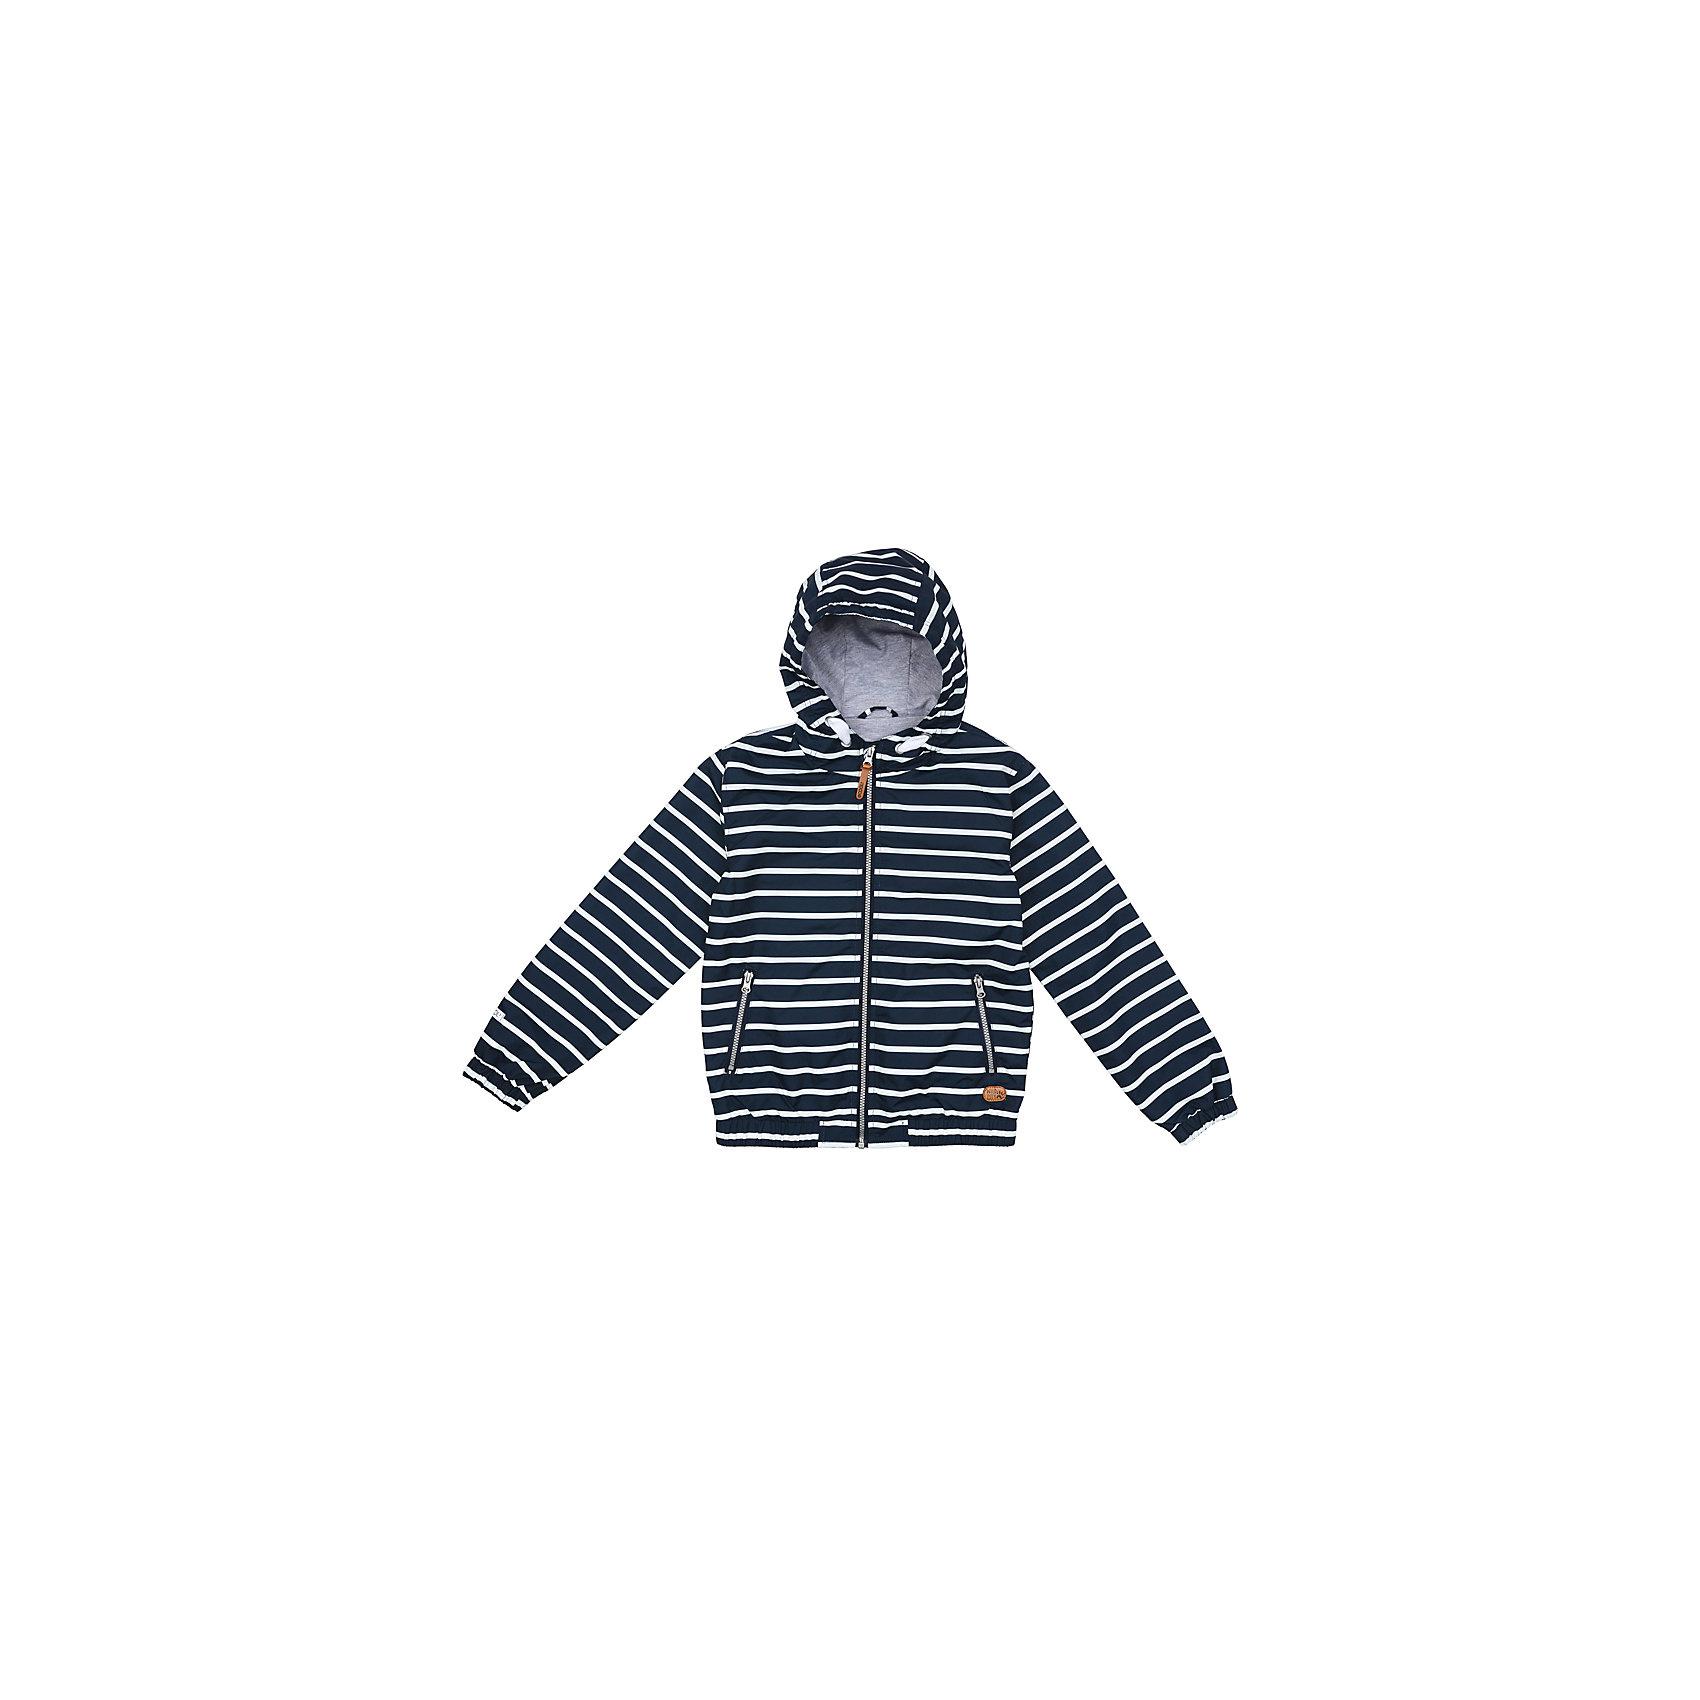 Куртка для мальчика ScoolПолоска<br>Куртка для мальчика Scool<br>Куртка со специальной водоотталкивающей пропиткой защитит Вашего ребенка в любую погоду! Специальный карман для фиксации застежки - молнии не позволит застежке травмировать нежную кожу ребенка. Мягкие резинки на рукавах и по низу изделия защитят Вашего ребенка - ветер не сможет проникнуть под куртку. Модель с регулируемым шнуром - кулиской на капюшоне - даже во время активных игр капюшон не упадет с головы ребенка. Модель на подкладке из натурального материала. Подойдет даже для самых активных детей - подкладка хорошо впитывает влагу. Наличие светоотражателей обеспечит безопасность Вашего ребенка - он будет виден в темное время суток.Преимущества: Защита подбородка. Специальный карман для фиксации застежки - молнии не позволит застежке травмировать нежную кожу ребенкаНатуральная ткань подкладки хорошо впитывает влагу, приятна к телу и не вызывает раздраженийСветоотражатели на рукаве и по низу изделия.<br>Состав:<br>Верх: 100% полиэстер, подкладка: 65% полиэстер, 35% хлопок<br><br>Ширина мм: 356<br>Глубина мм: 10<br>Высота мм: 245<br>Вес г: 519<br>Цвет: разноцветный<br>Возраст от месяцев: 156<br>Возраст до месяцев: 168<br>Пол: Мужской<br>Возраст: Детский<br>Размер: 164,134,140,146,152,158<br>SKU: 5406651